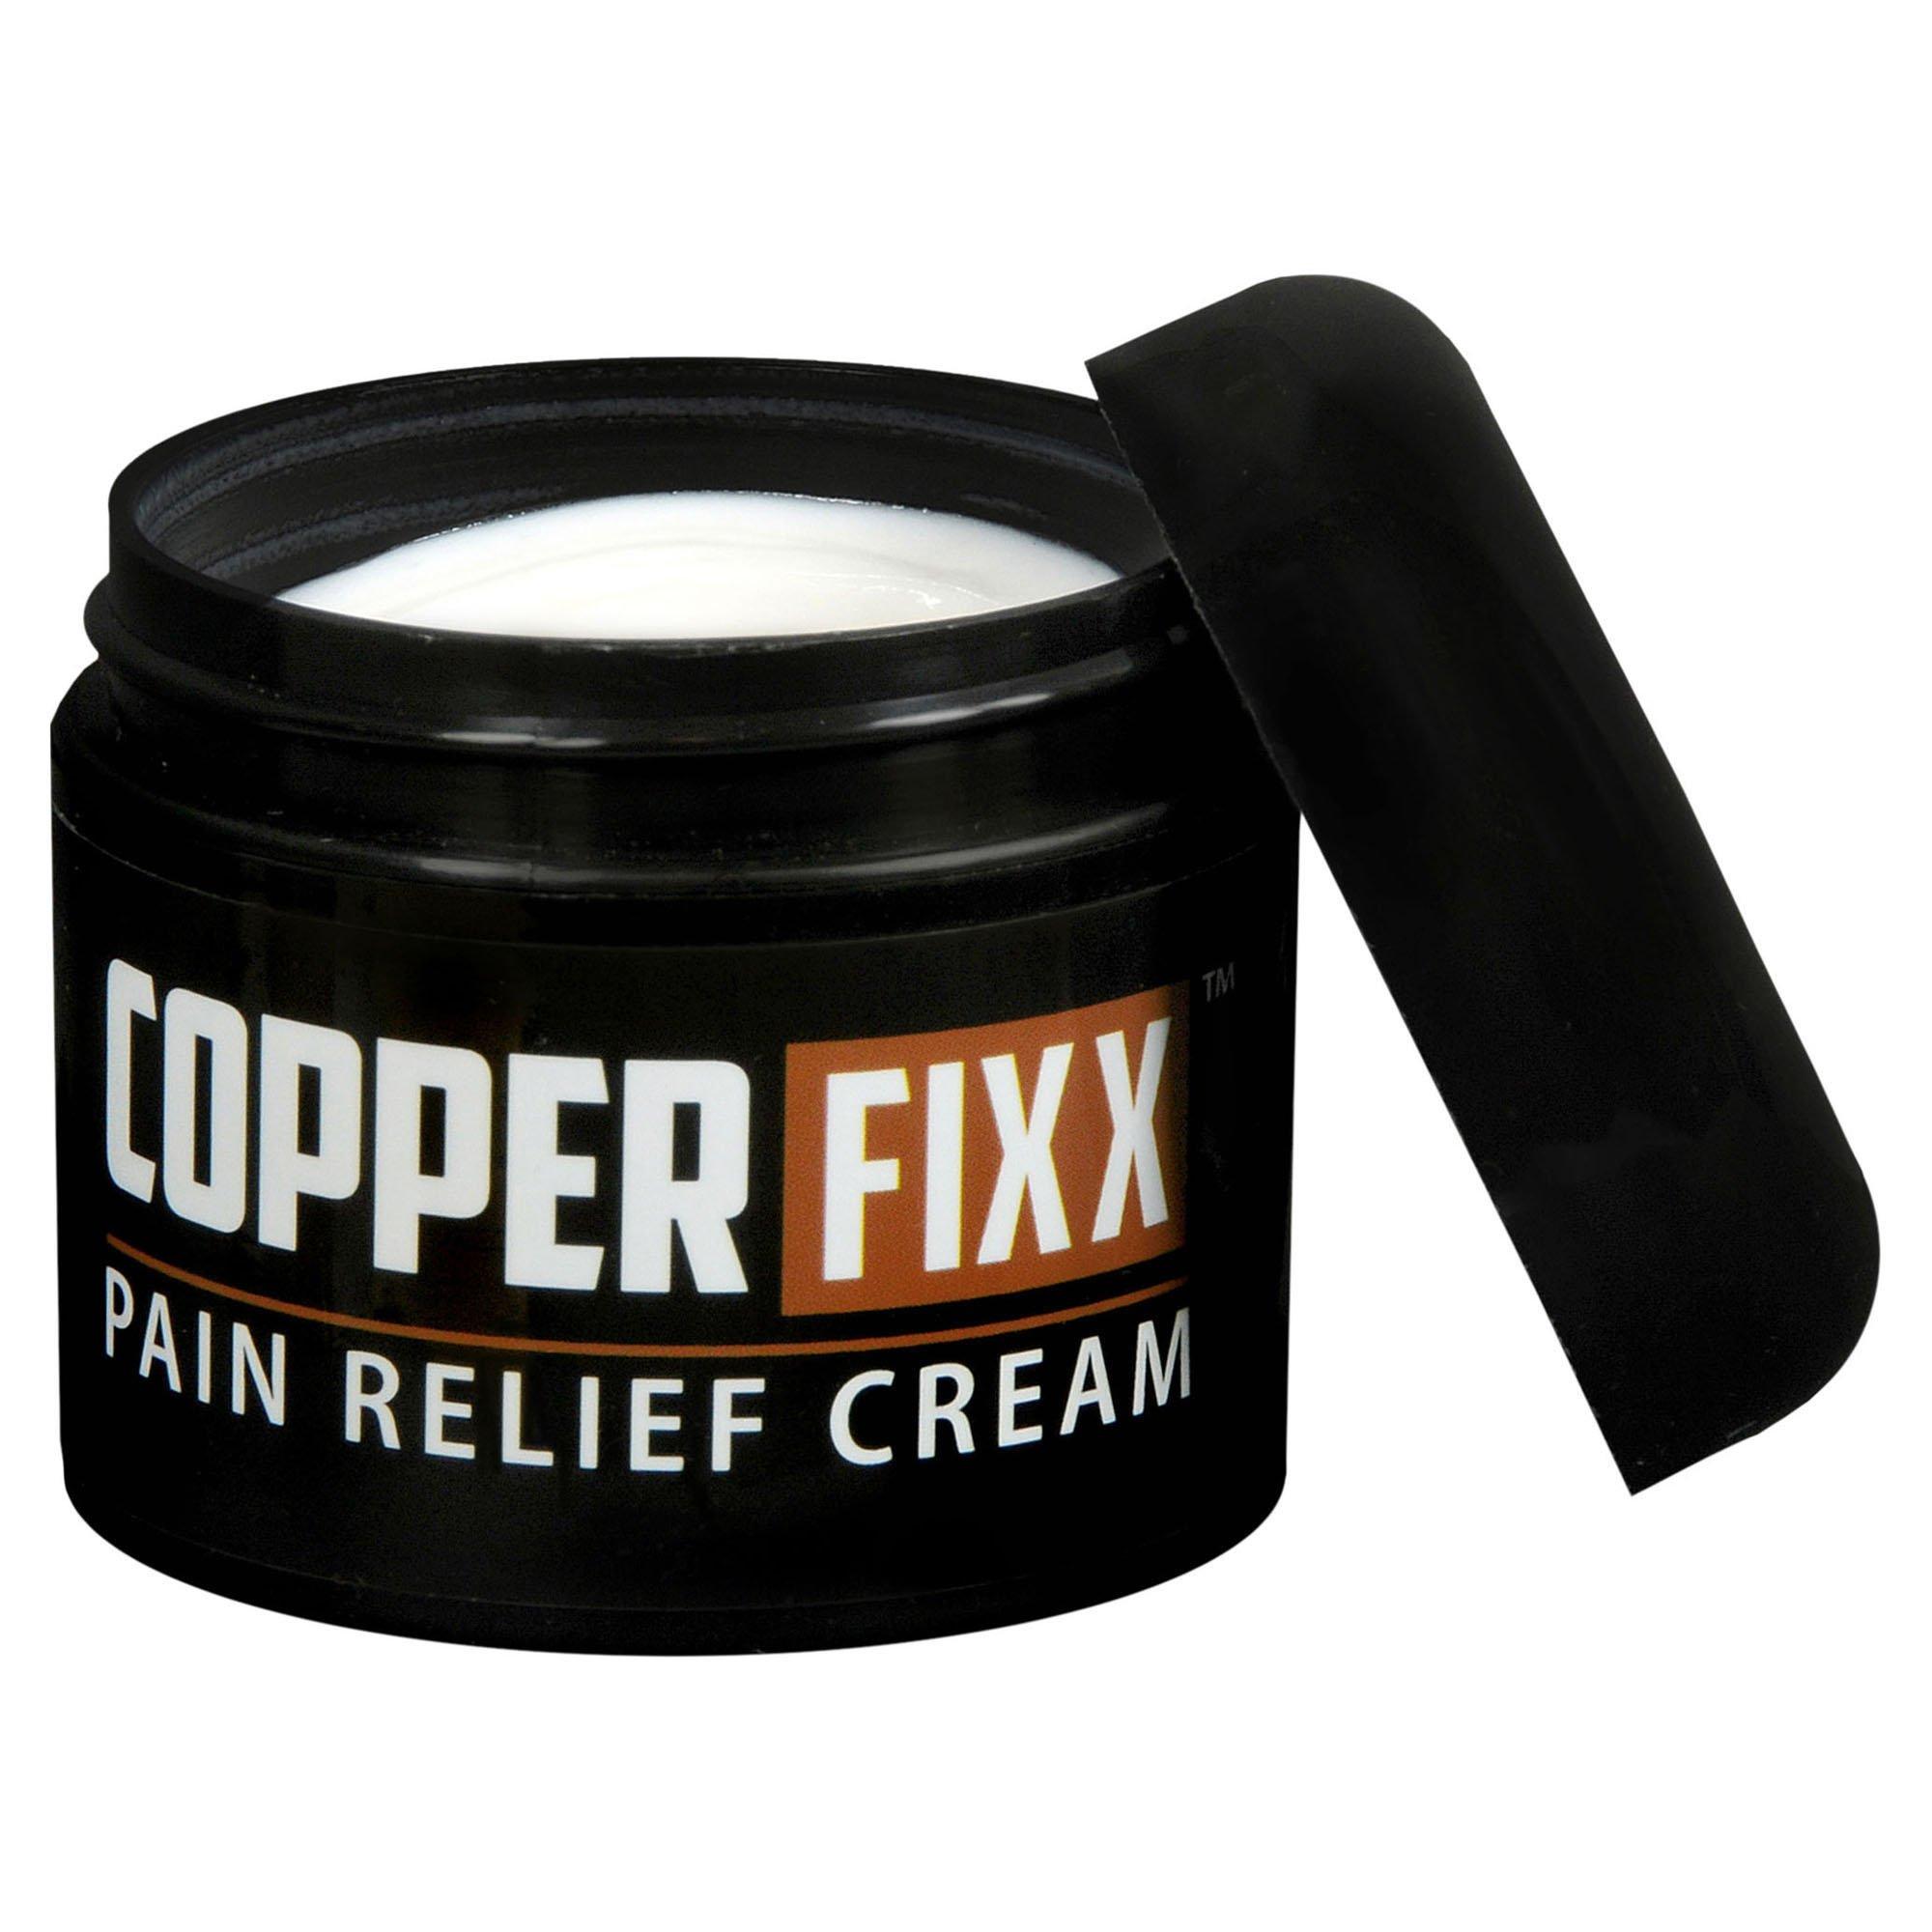 CopperFixx Pain Relief Cream, 2 Fluid Ounce